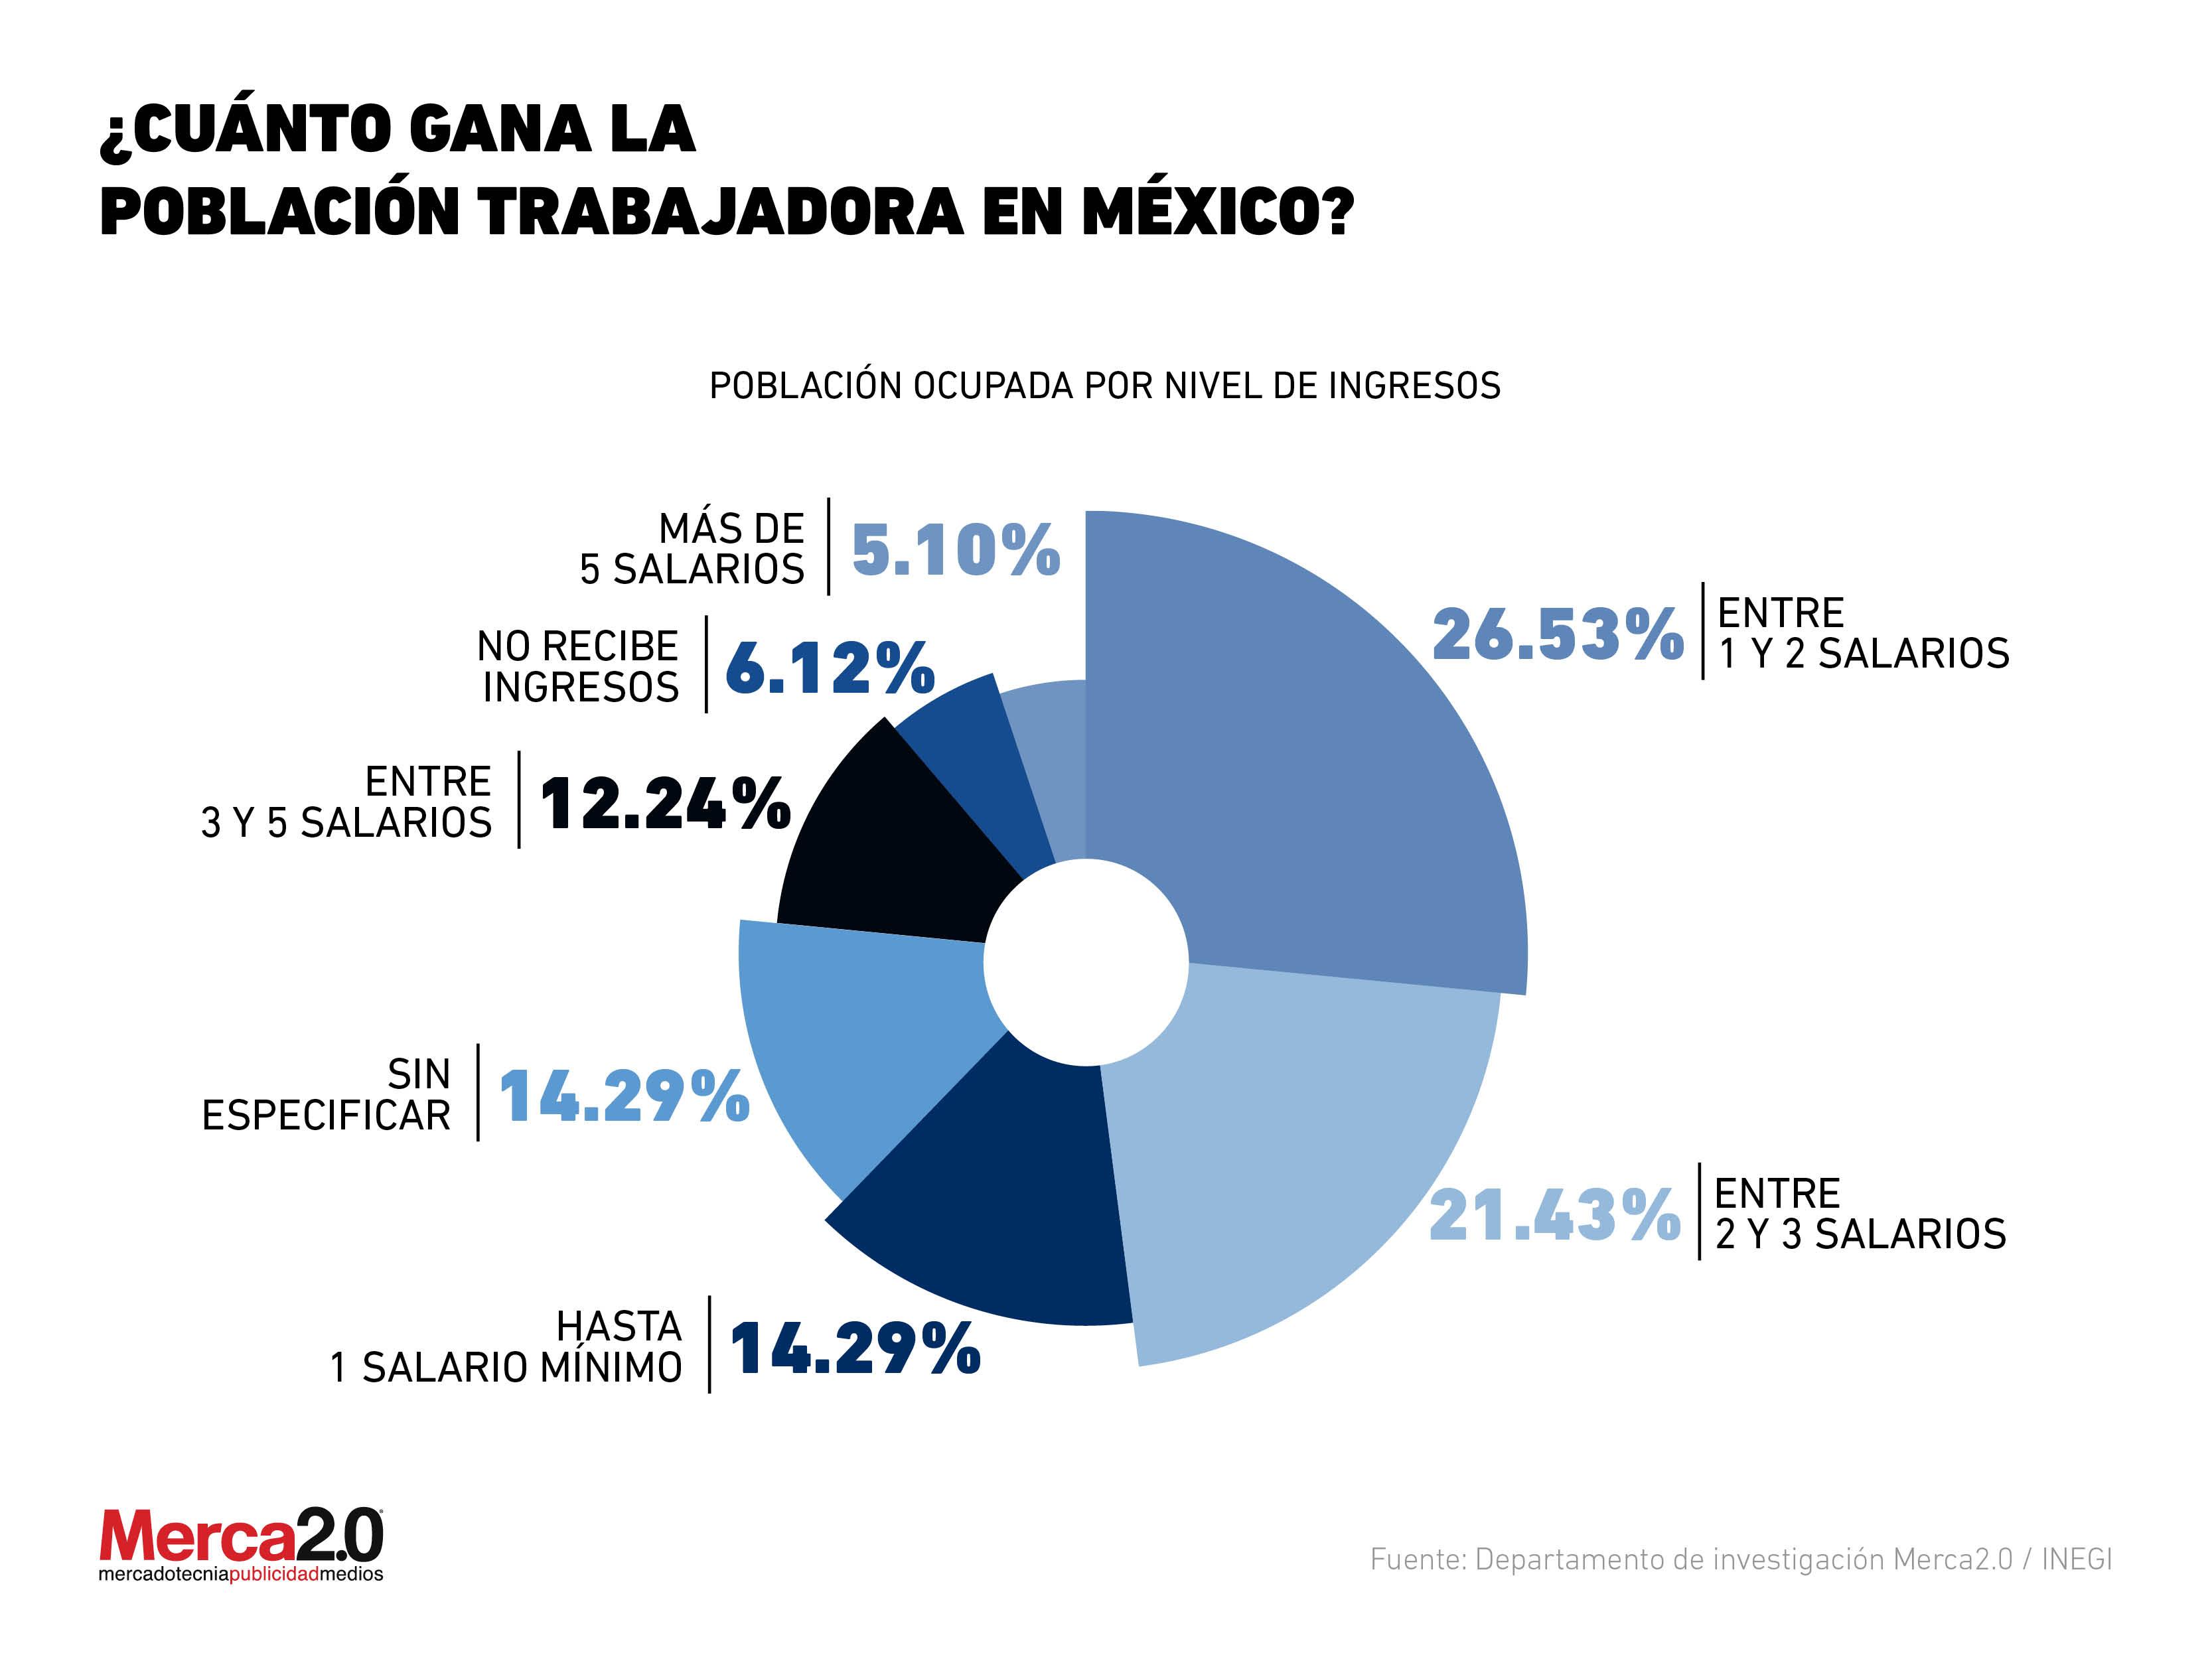 Salario mínimo en México: ¿Cuánto ganan los trabajadores?